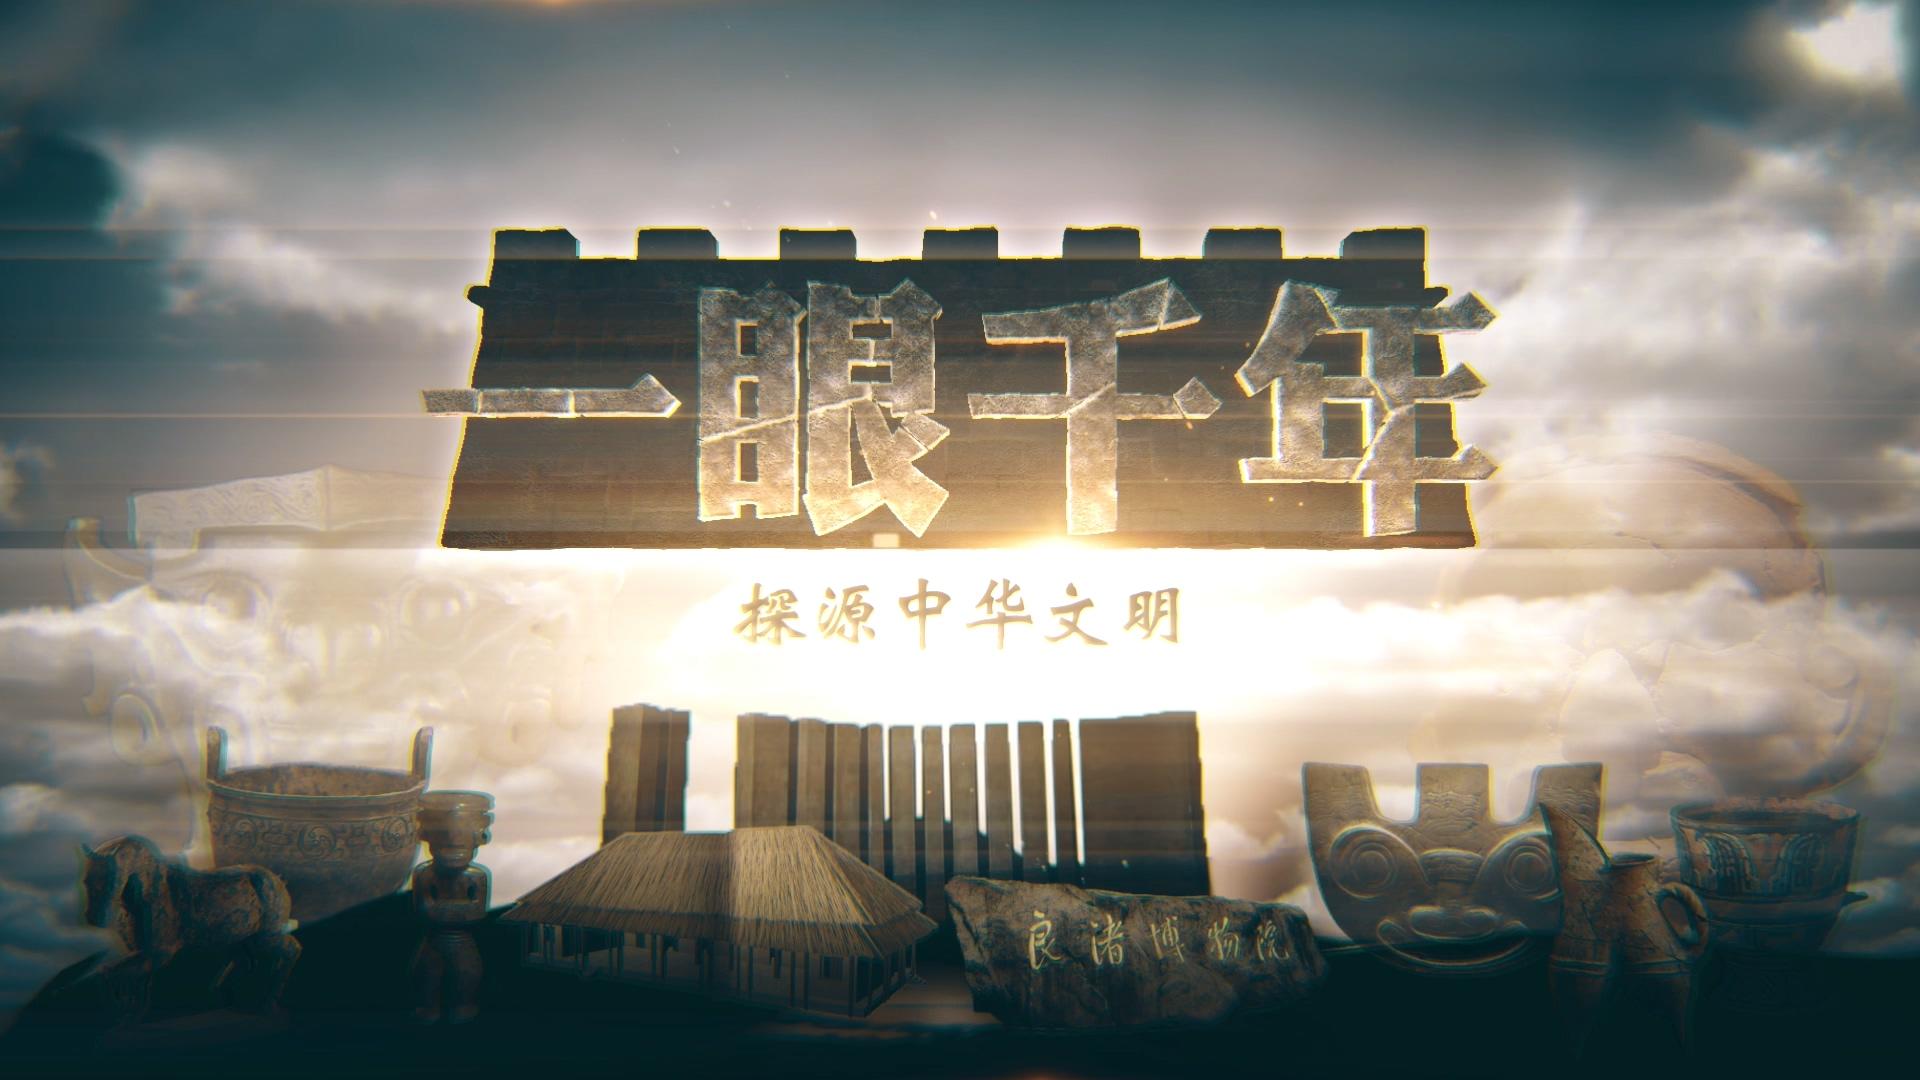 【微纪录片】一眼千年:无人机探源中华文明